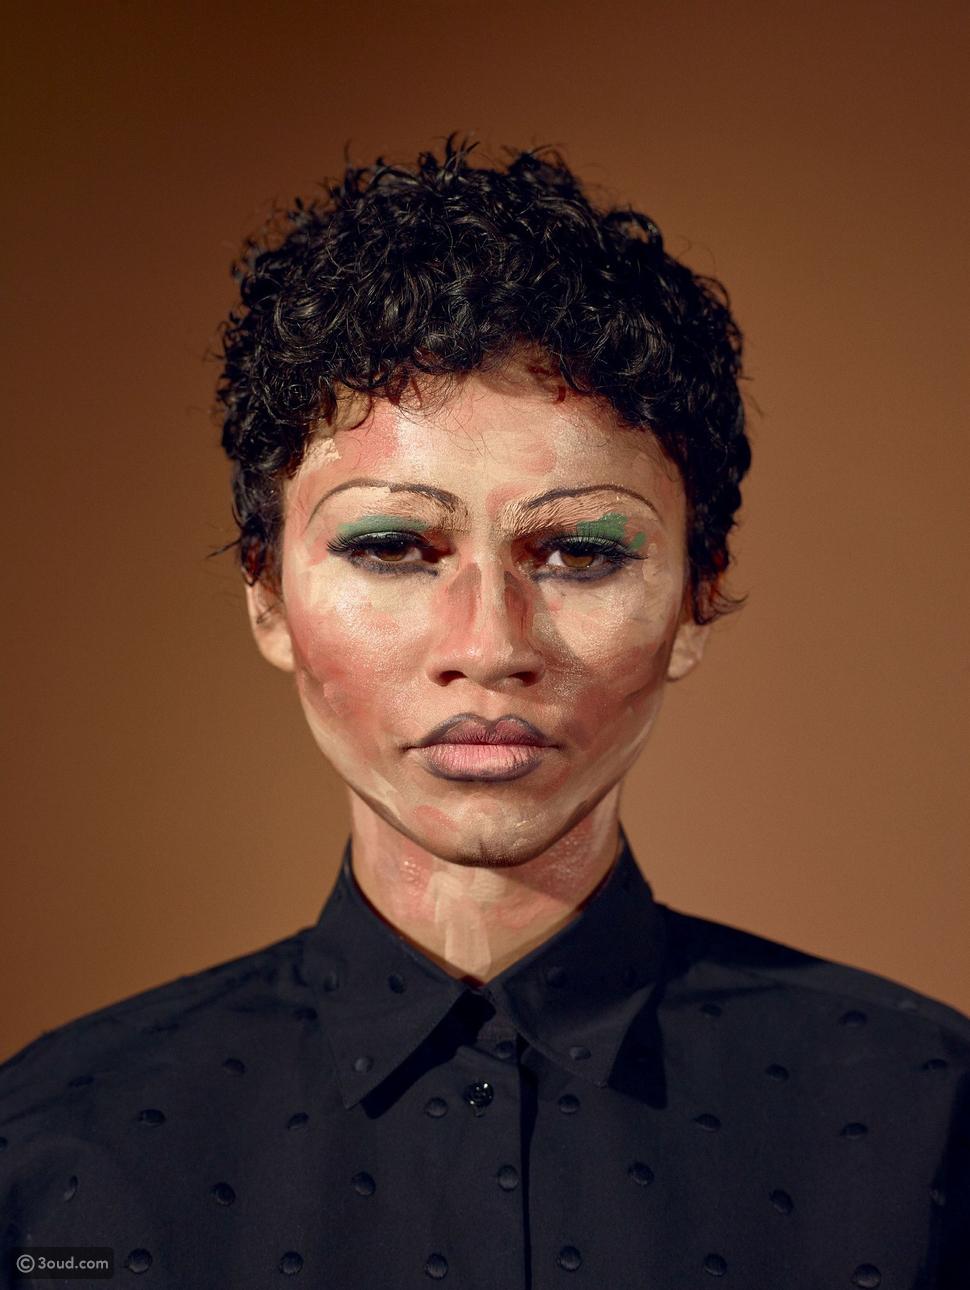 Burberry Beauty تعين إسامايا فرينش كمديرة تجميل للعلامة التجارية